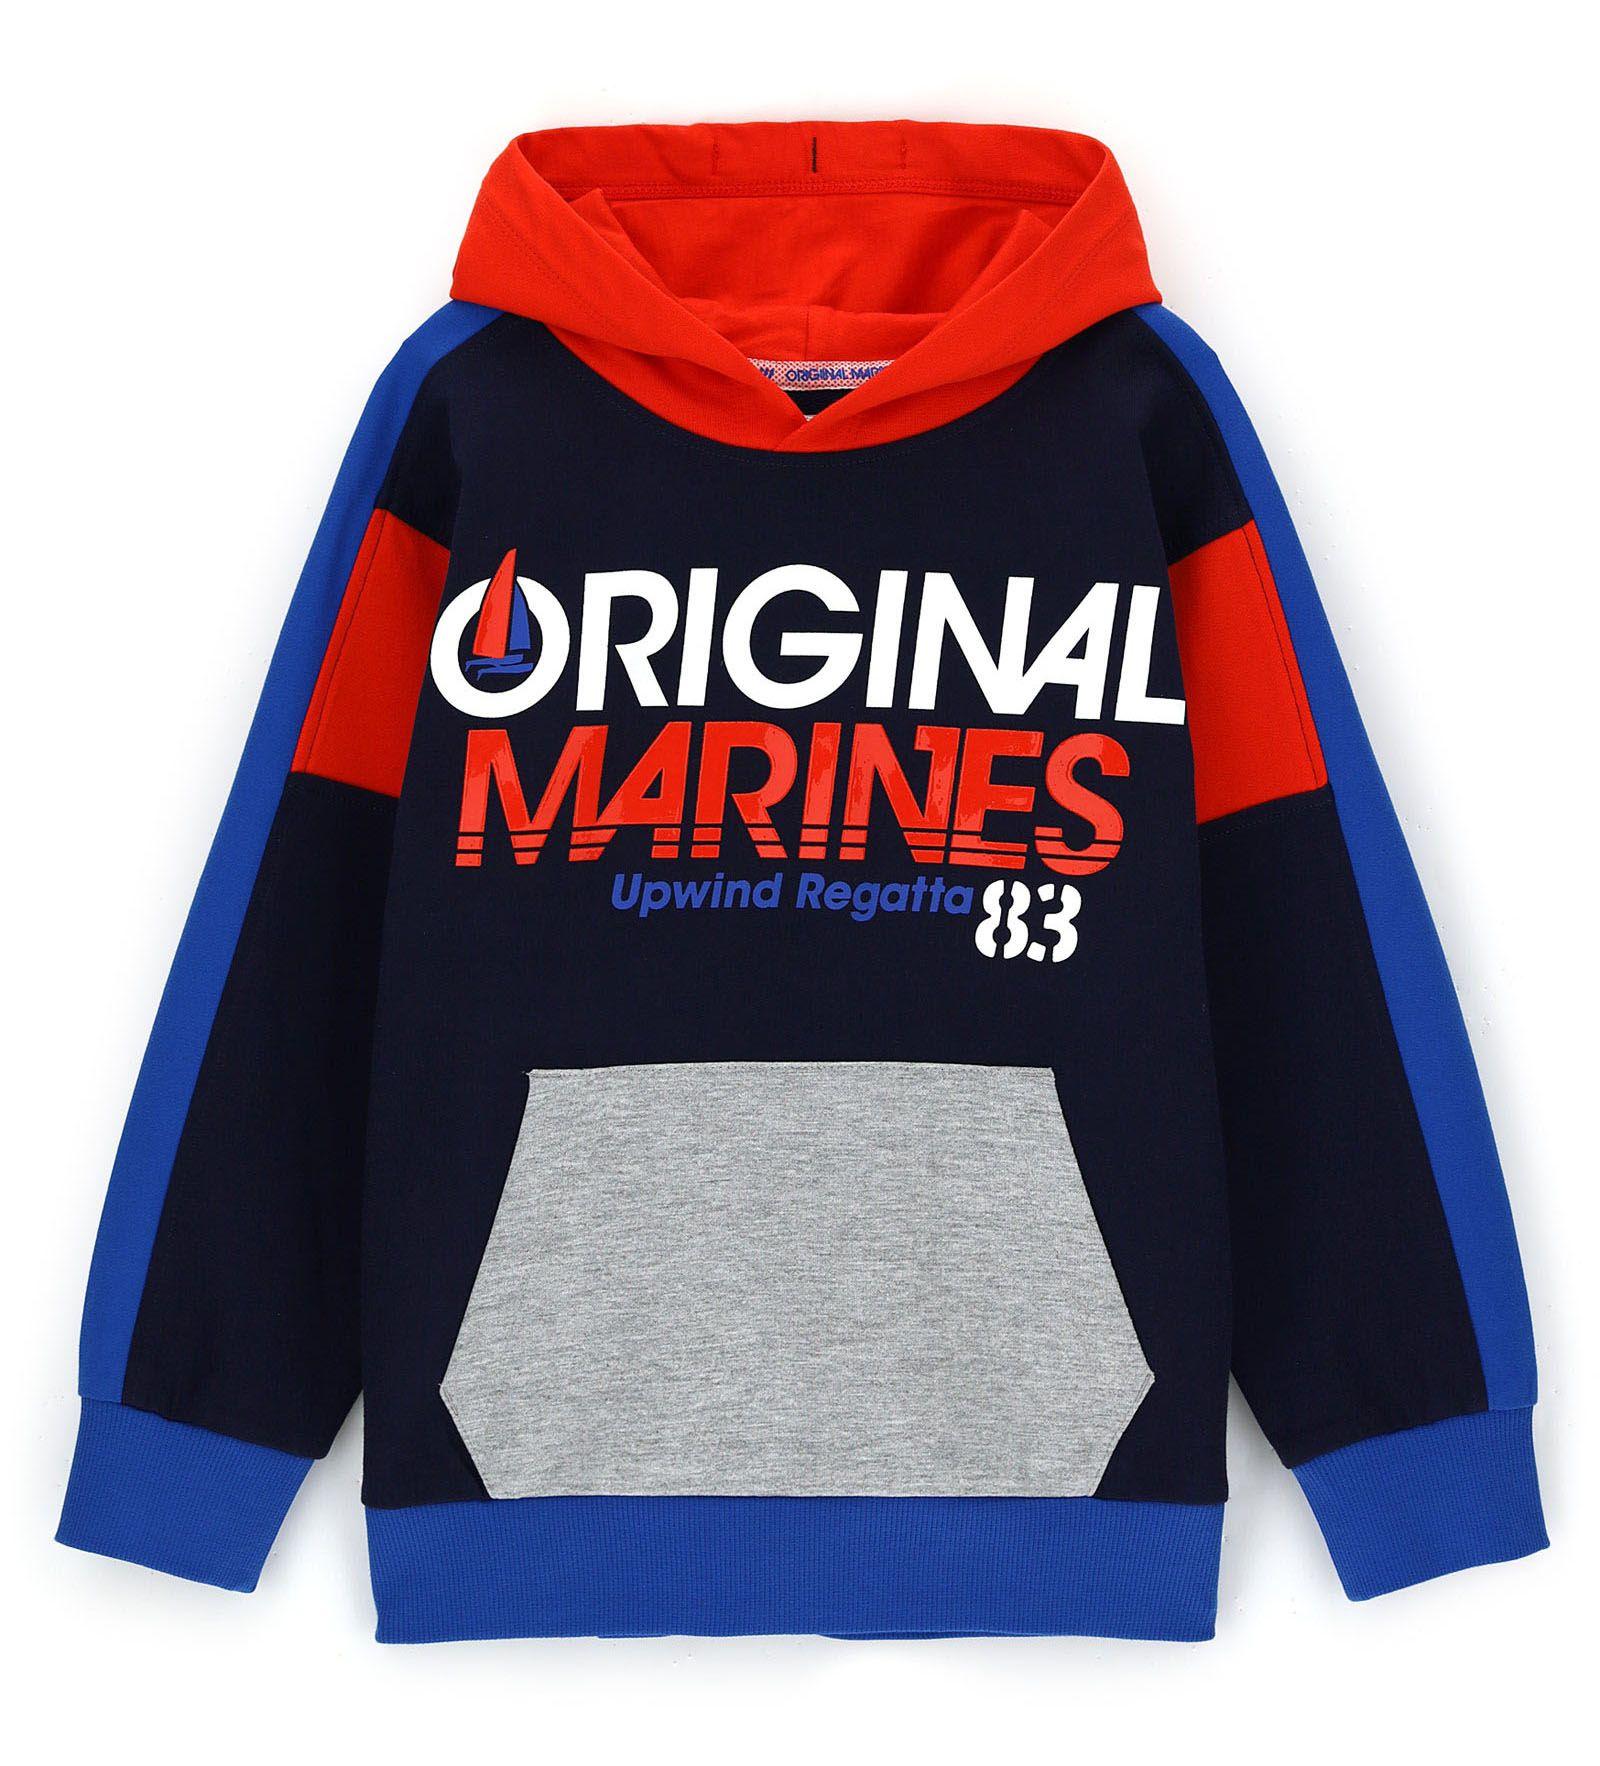 Толстовка Original Marines, синий, 116, Мальчики, весна  - купить со скидкой